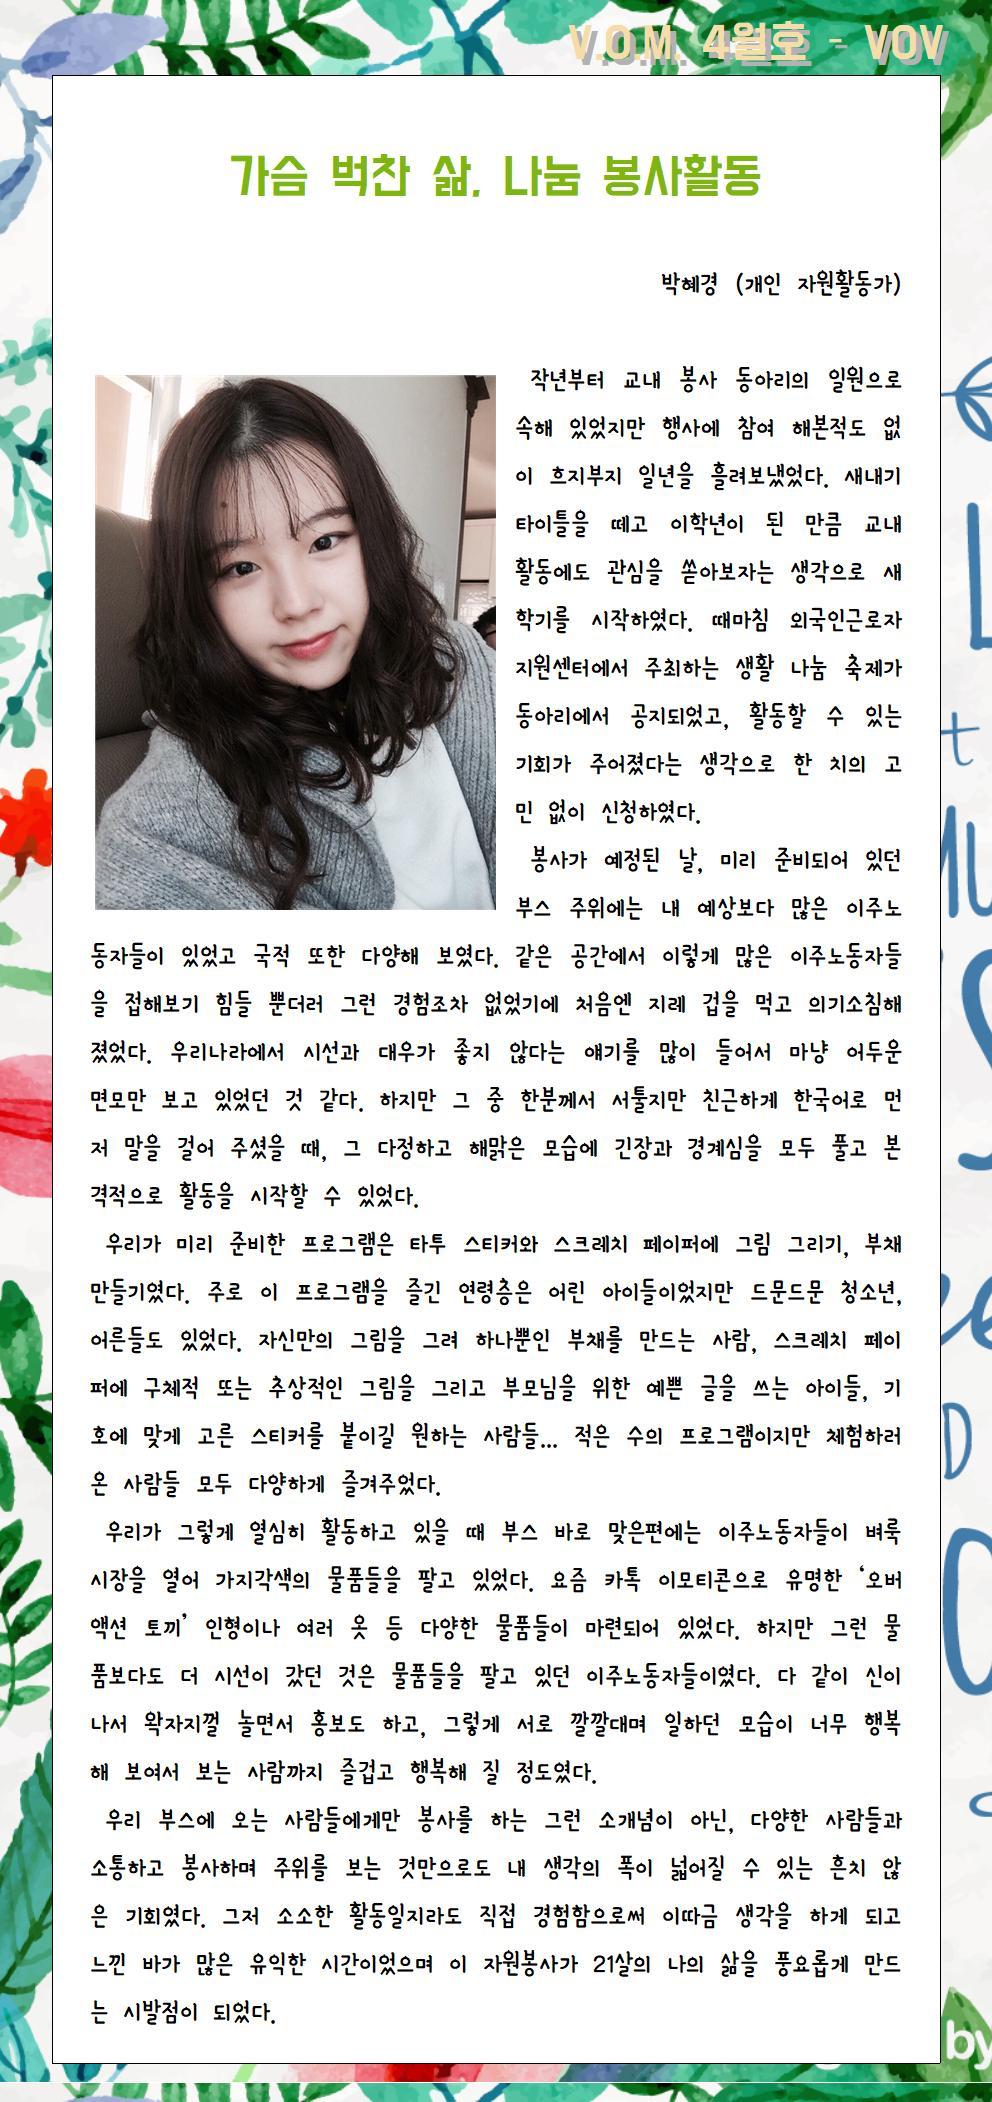 04. VOV-박혜경001